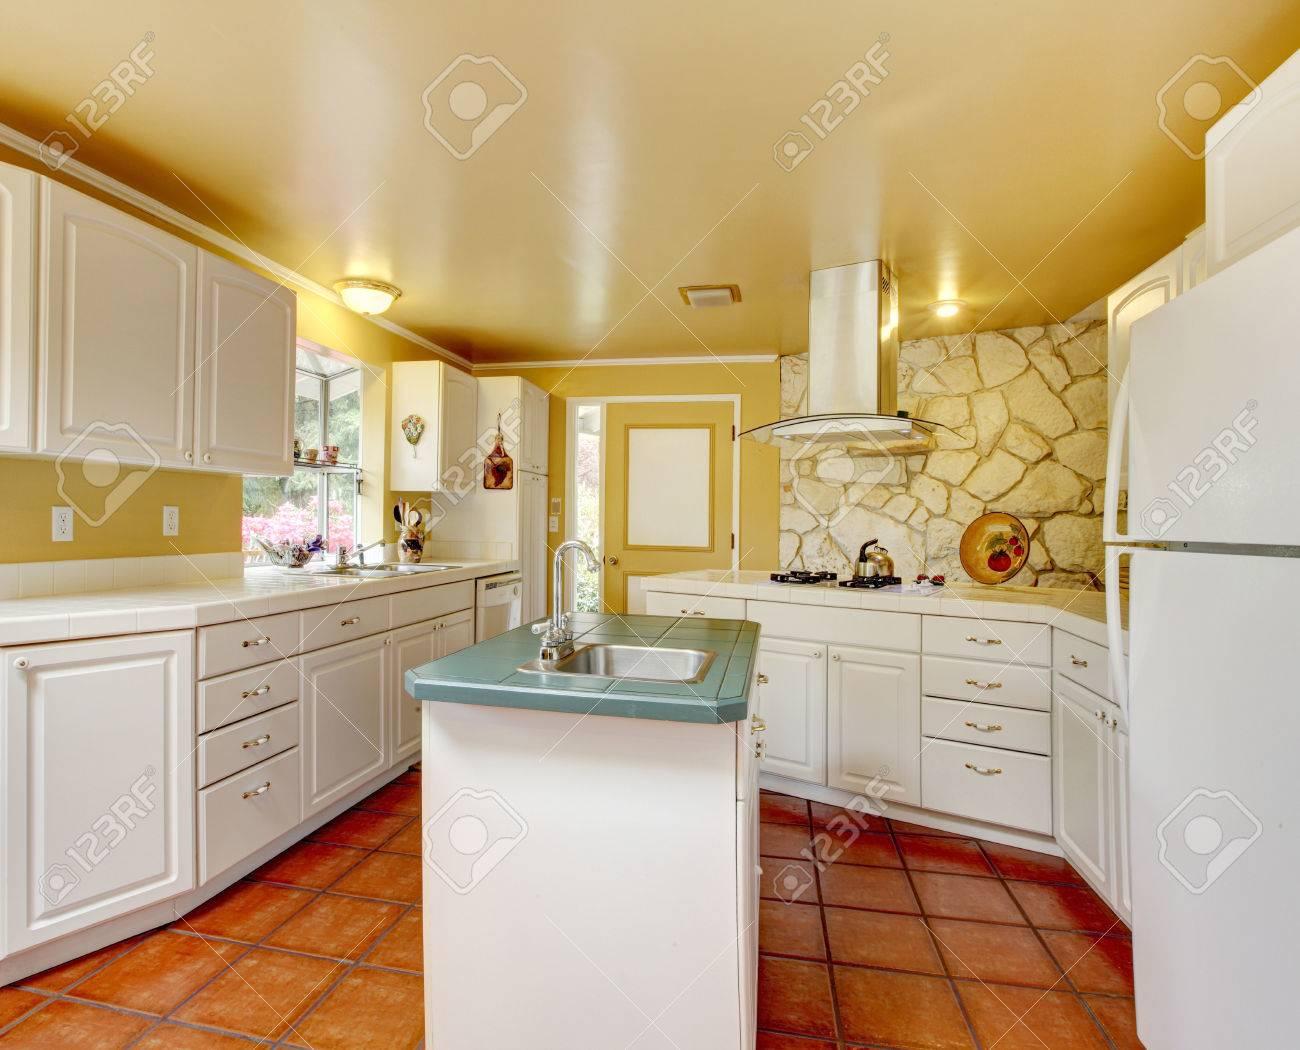 Camera Cucina Parete D\'Avorio Addebbitato Combinazione Di ...